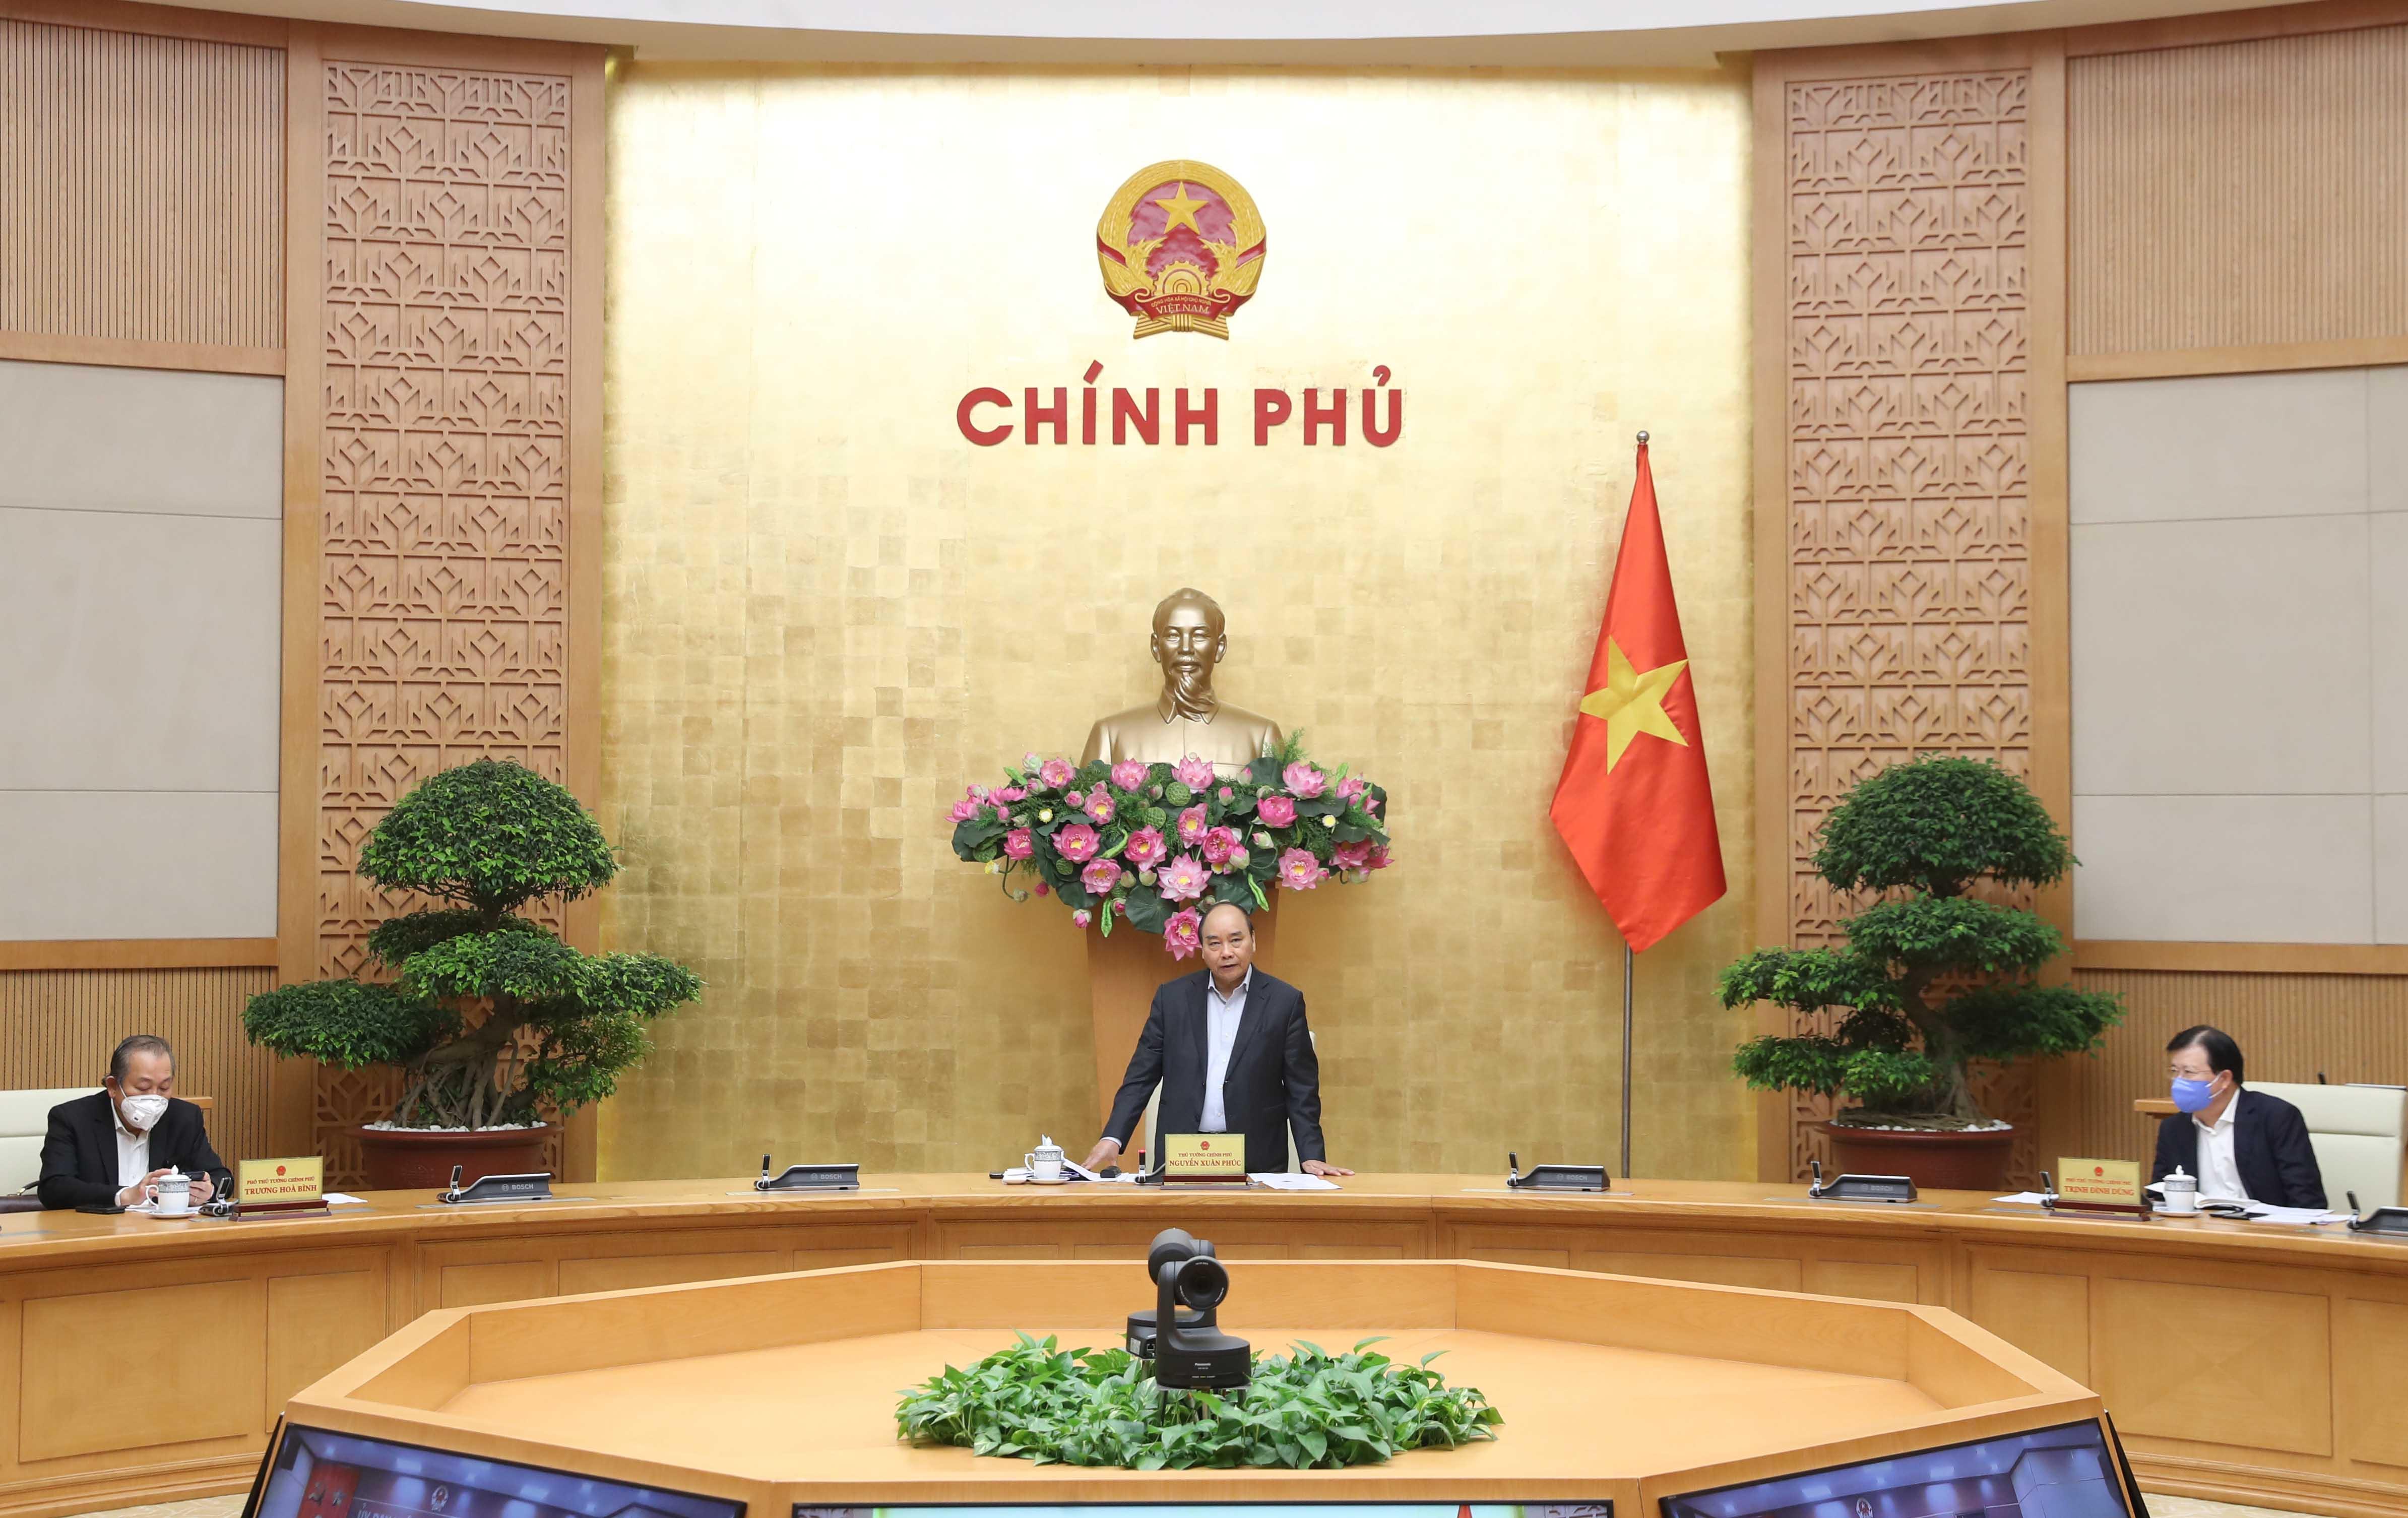 Thủ tướng phát biểu tại cuộc làm việc với tỉnh Đồng Nai. Ảnh: VGP/Quang Hiếu